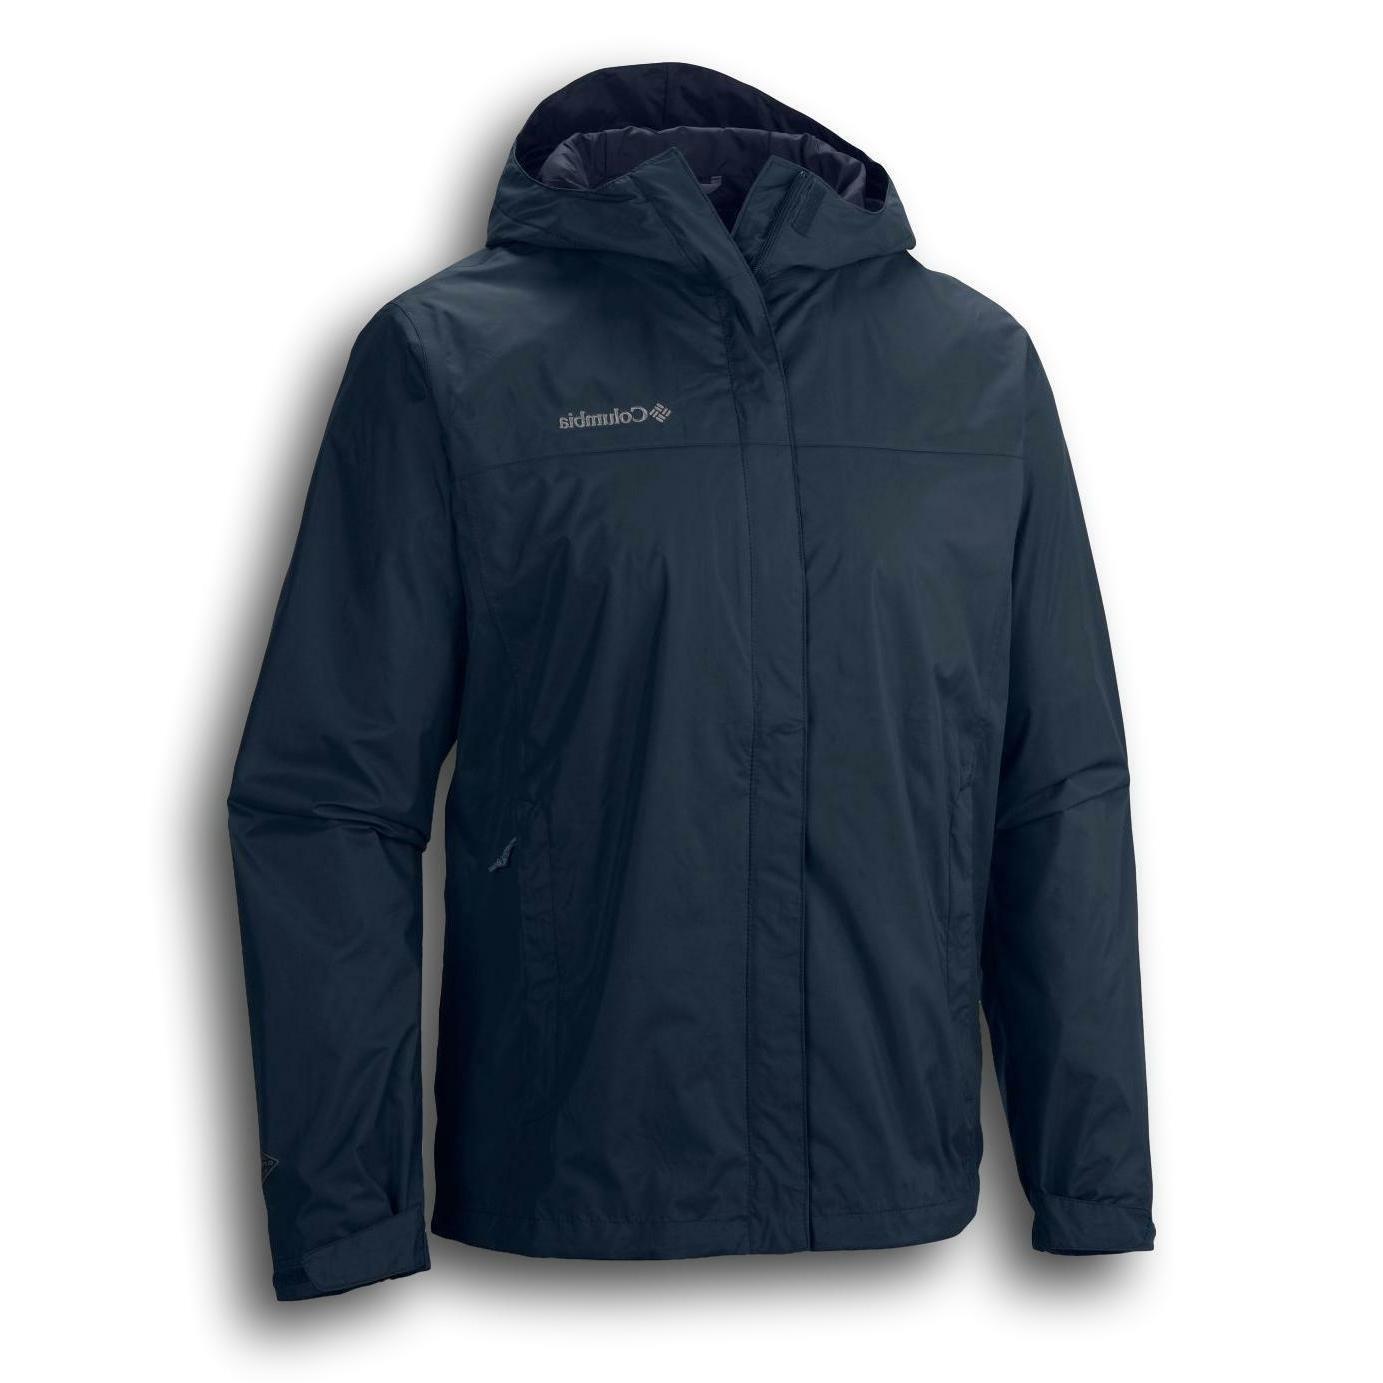 New Pointe waterproof hooded jacket